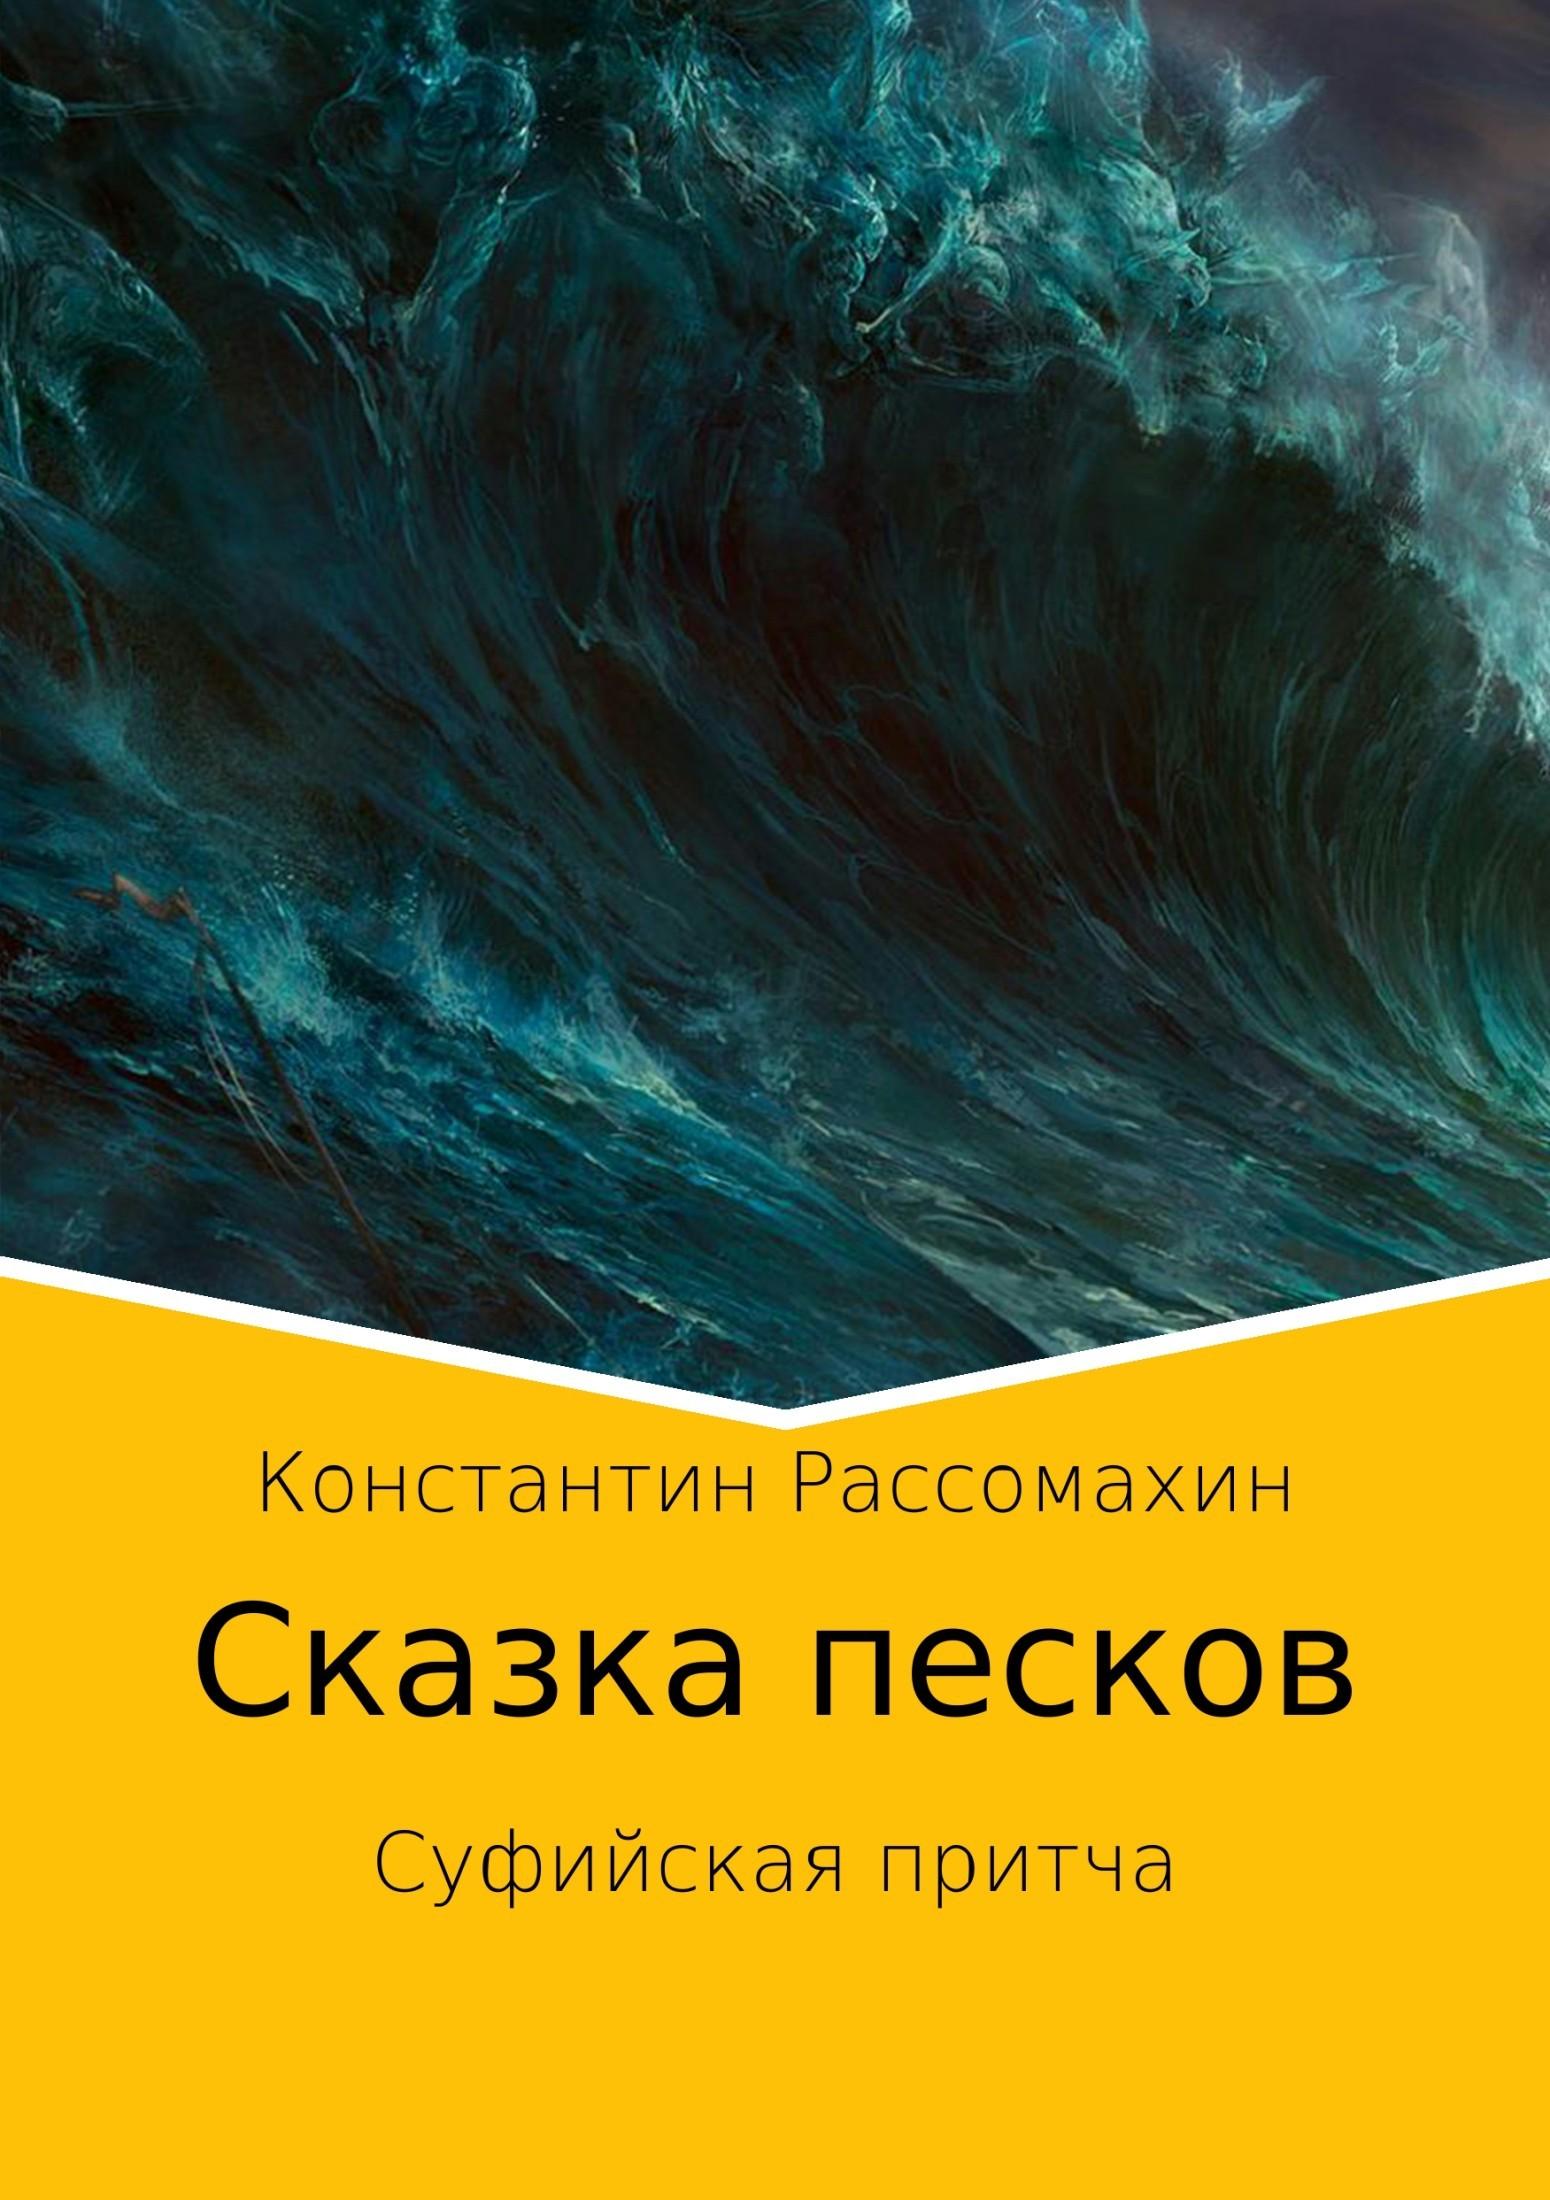 цена на Константин Александрович Рассомахин Сказка песков. Суфийская притча